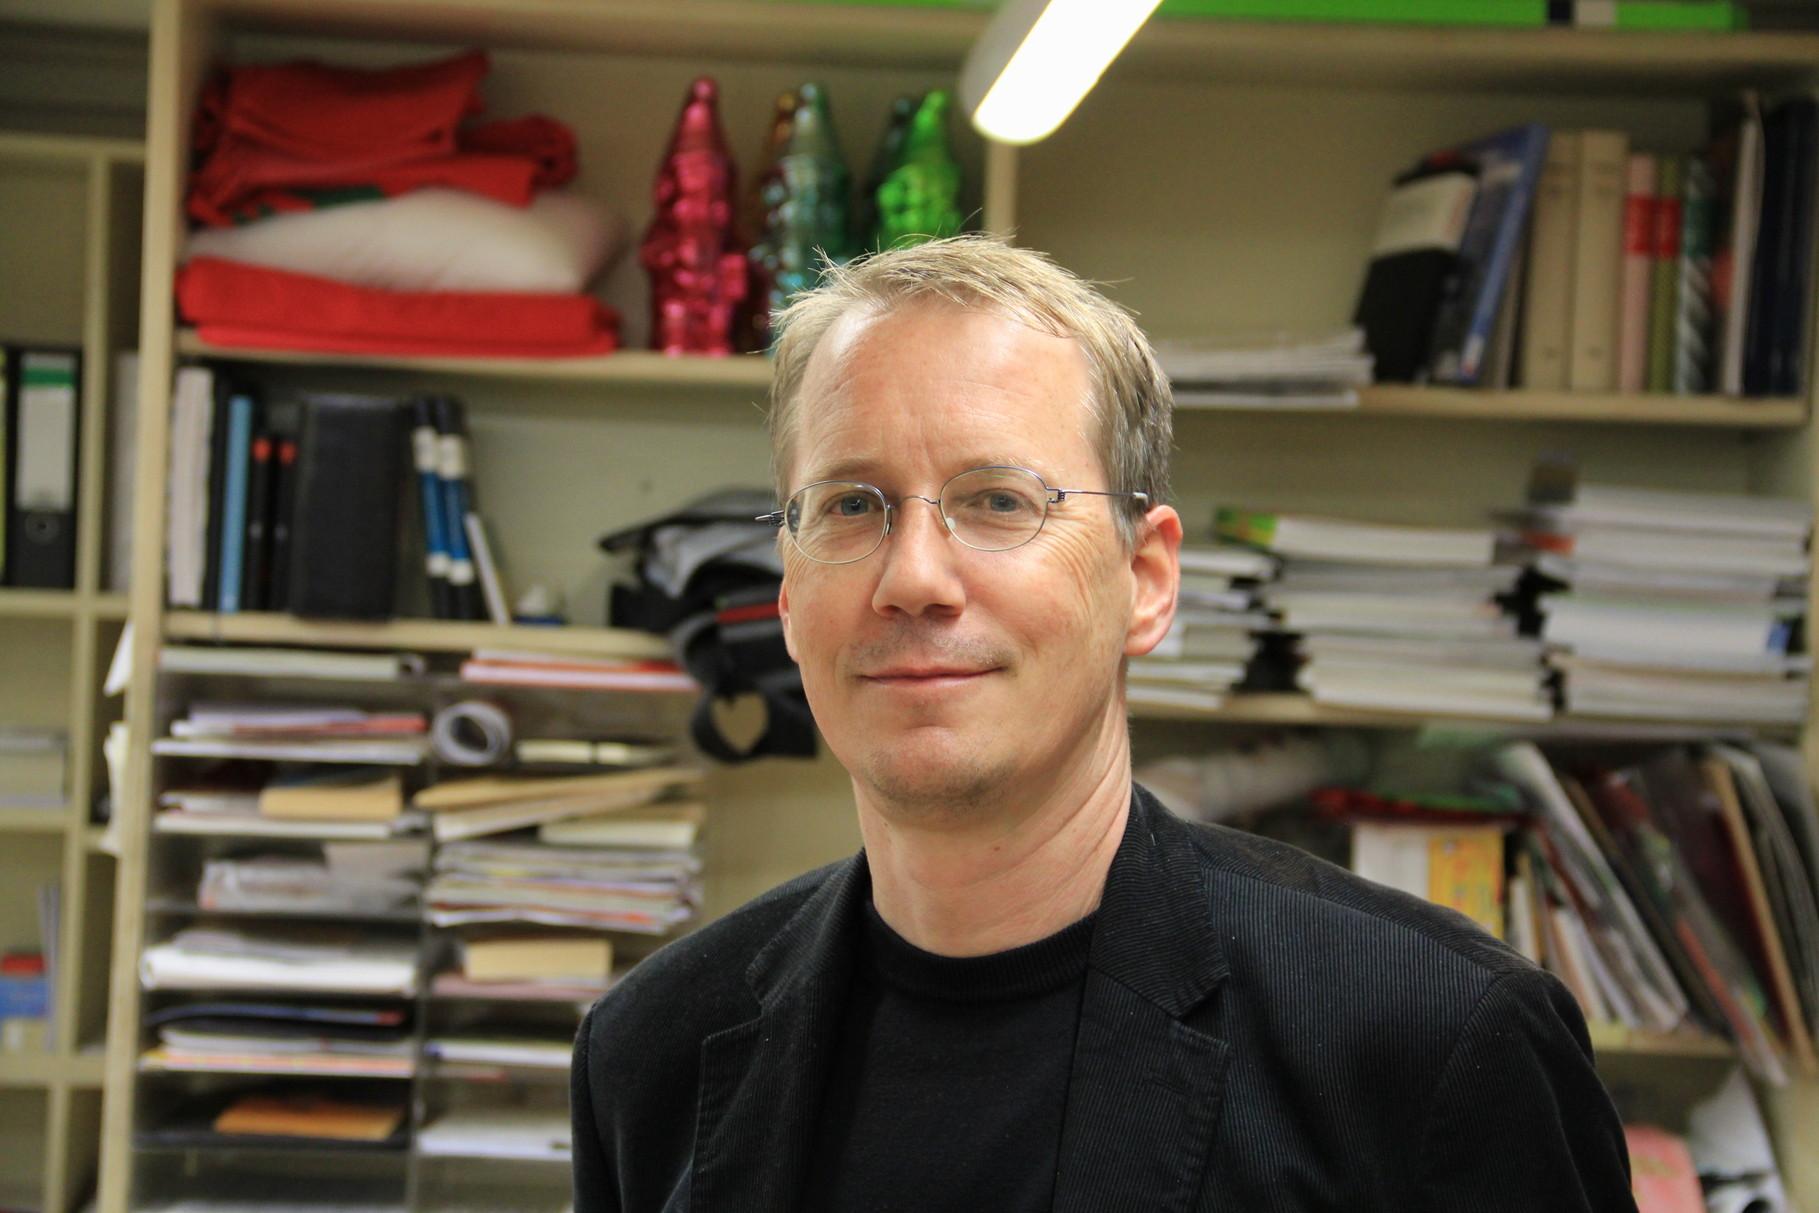 """War schon 2010 in der Lesbar zu Gast und erneut 2014, diesmal mit """"Das Sandkorn"""" nominiert für den Deutschen Buchpreis: Christoph Poschenrieder"""